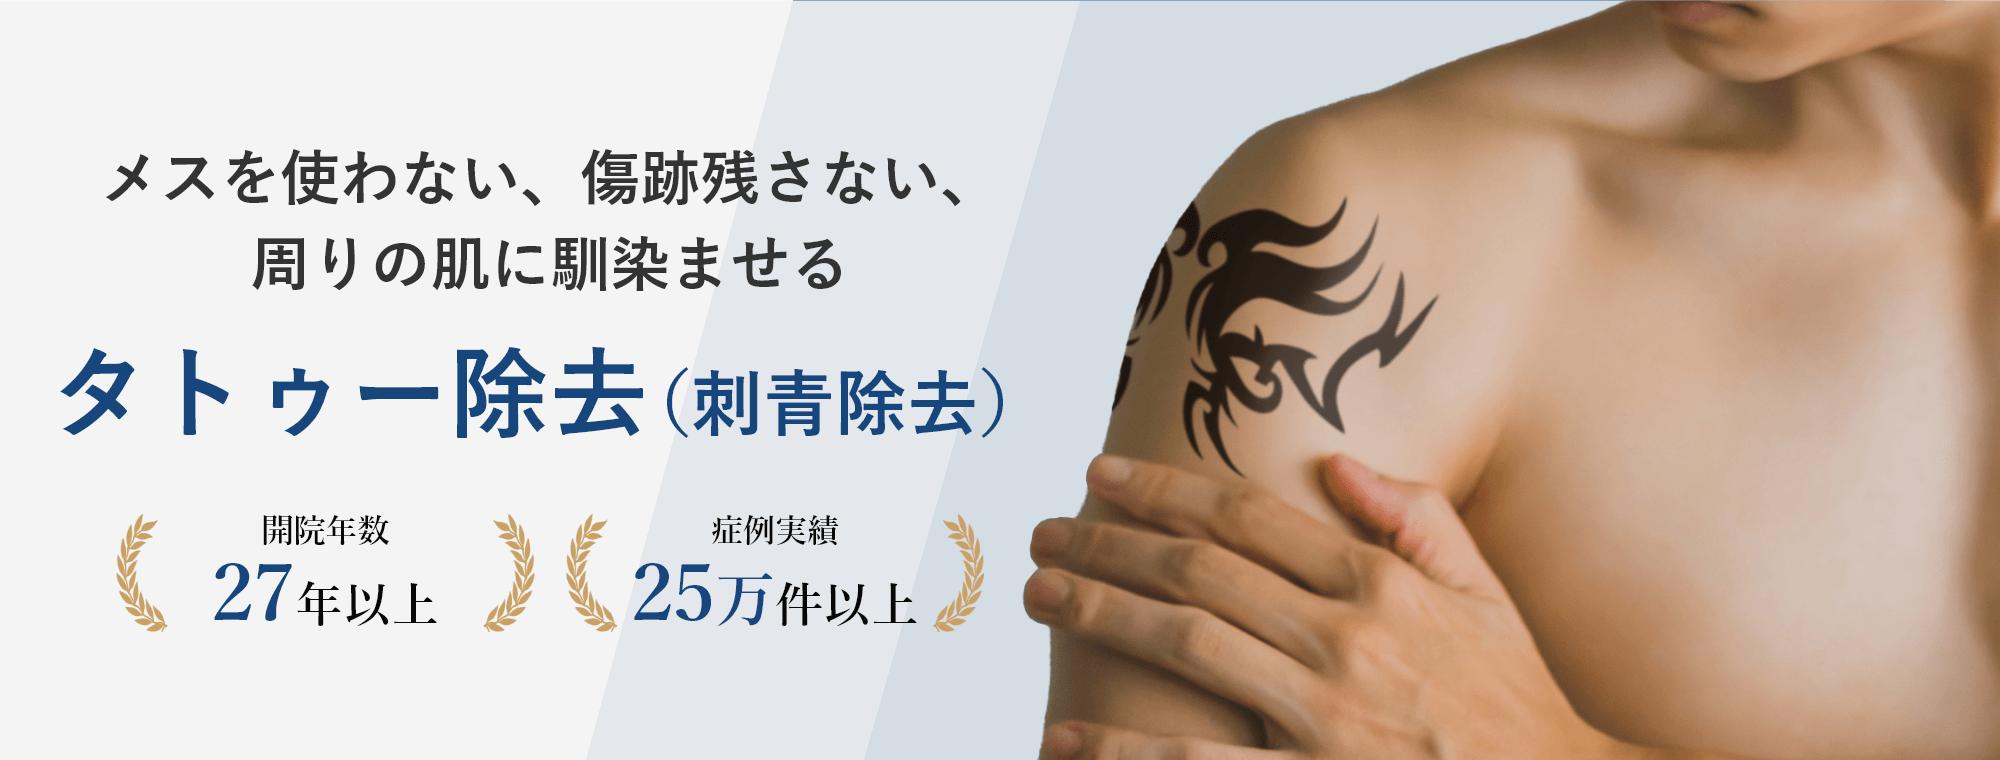 メスを使わない、傷跡残さない、周りの肌に馴染ませるタトゥー除去(刺青除去)